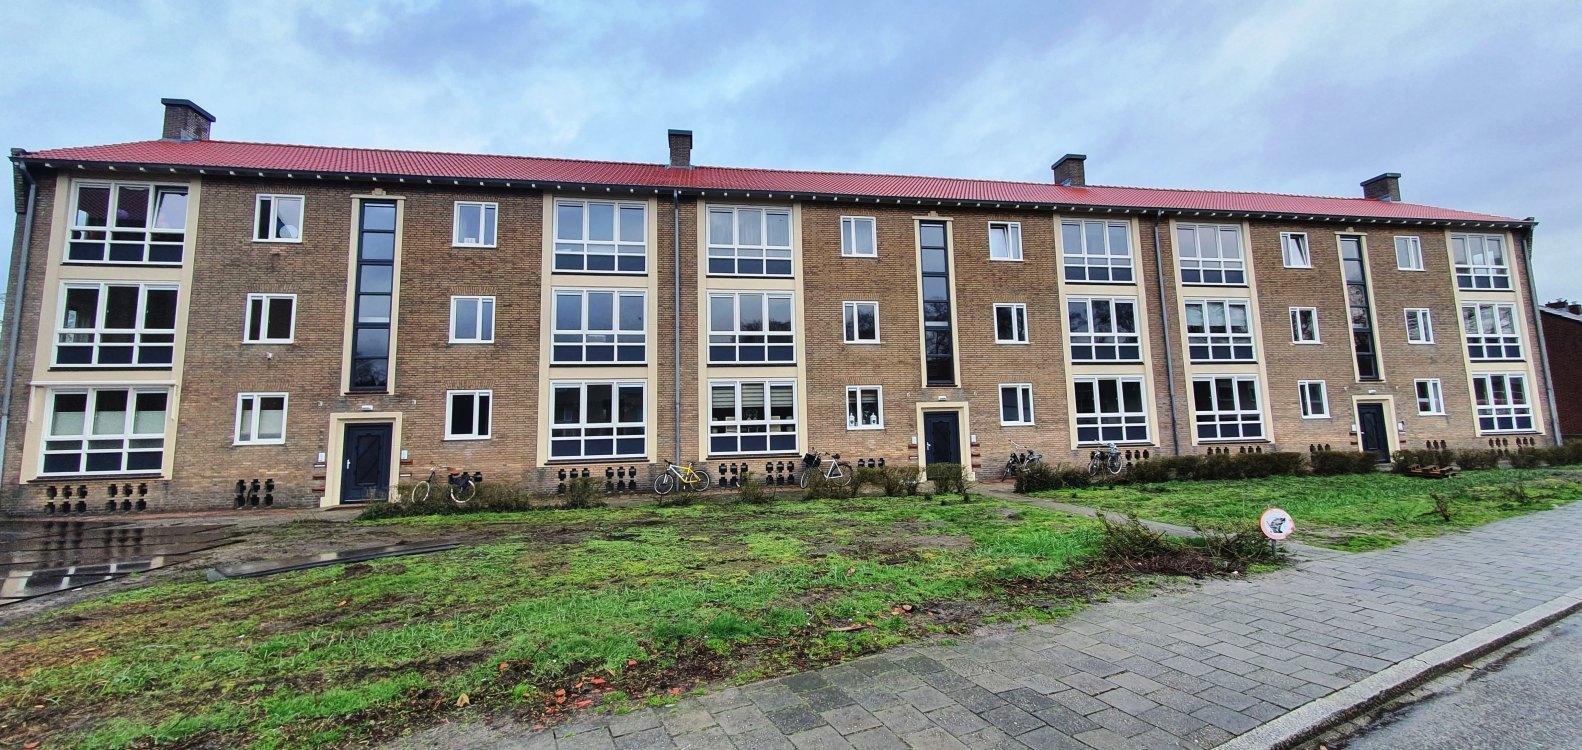 Foto bij: Renovatie 72 woningen Schoolstraat